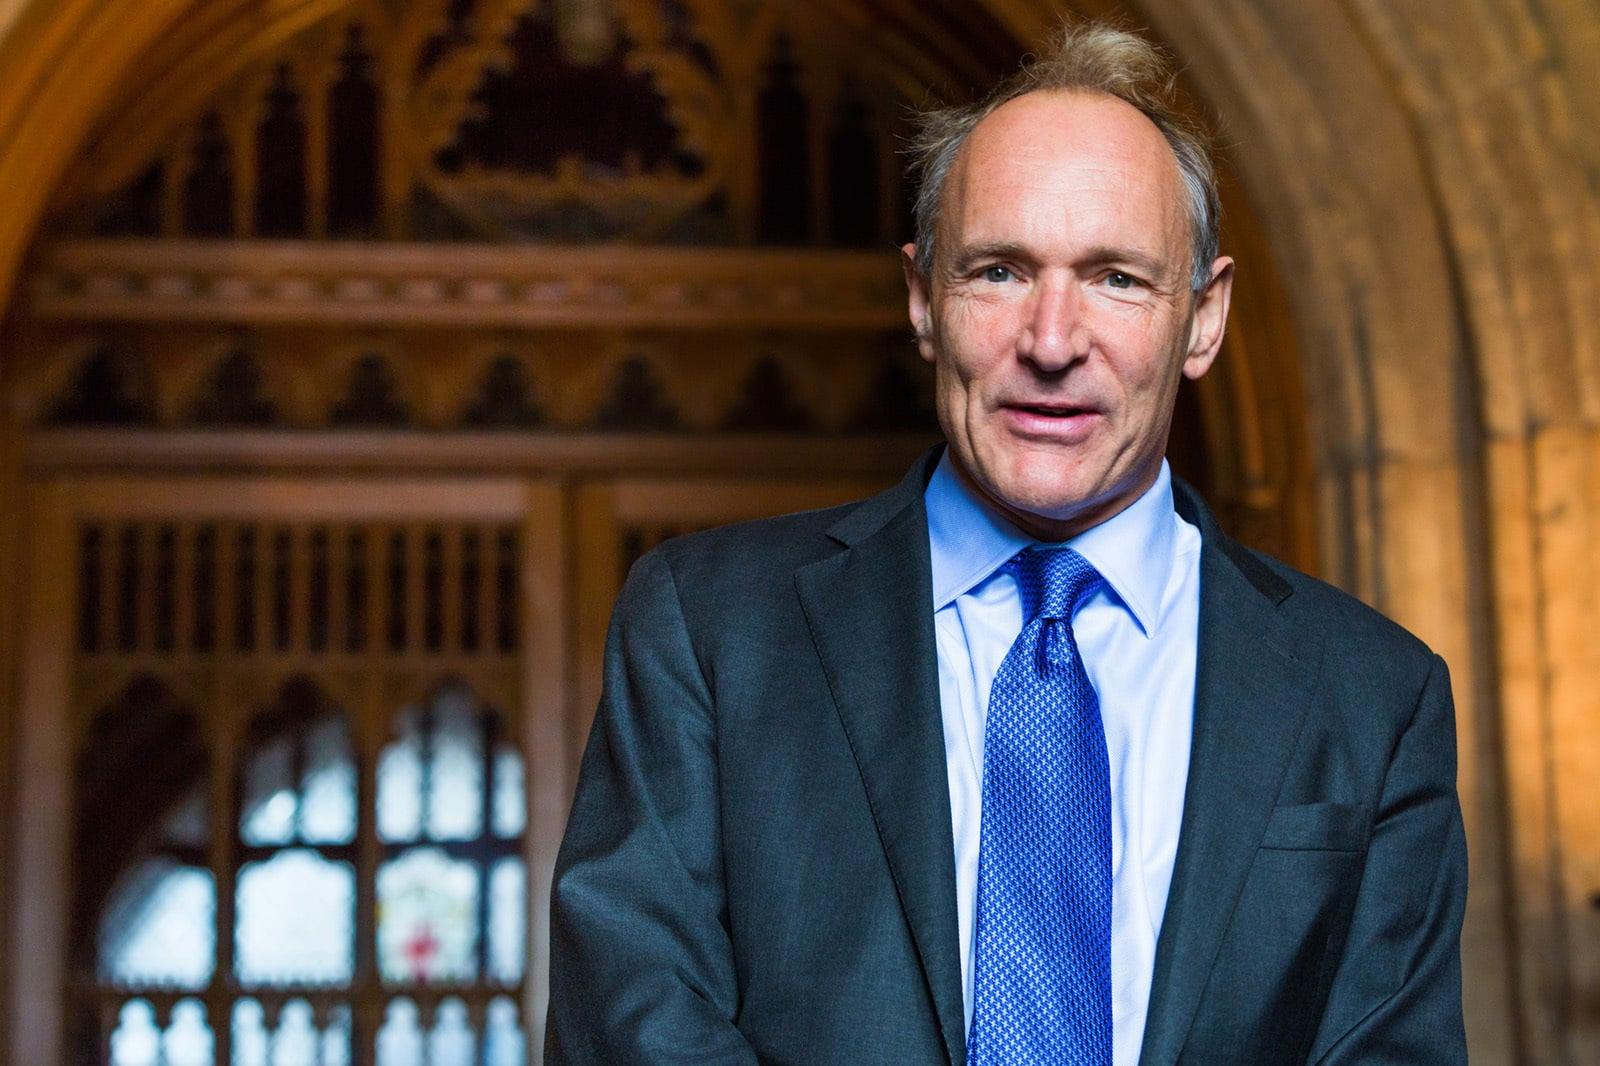 Fotografie von Tim Berners-Lee